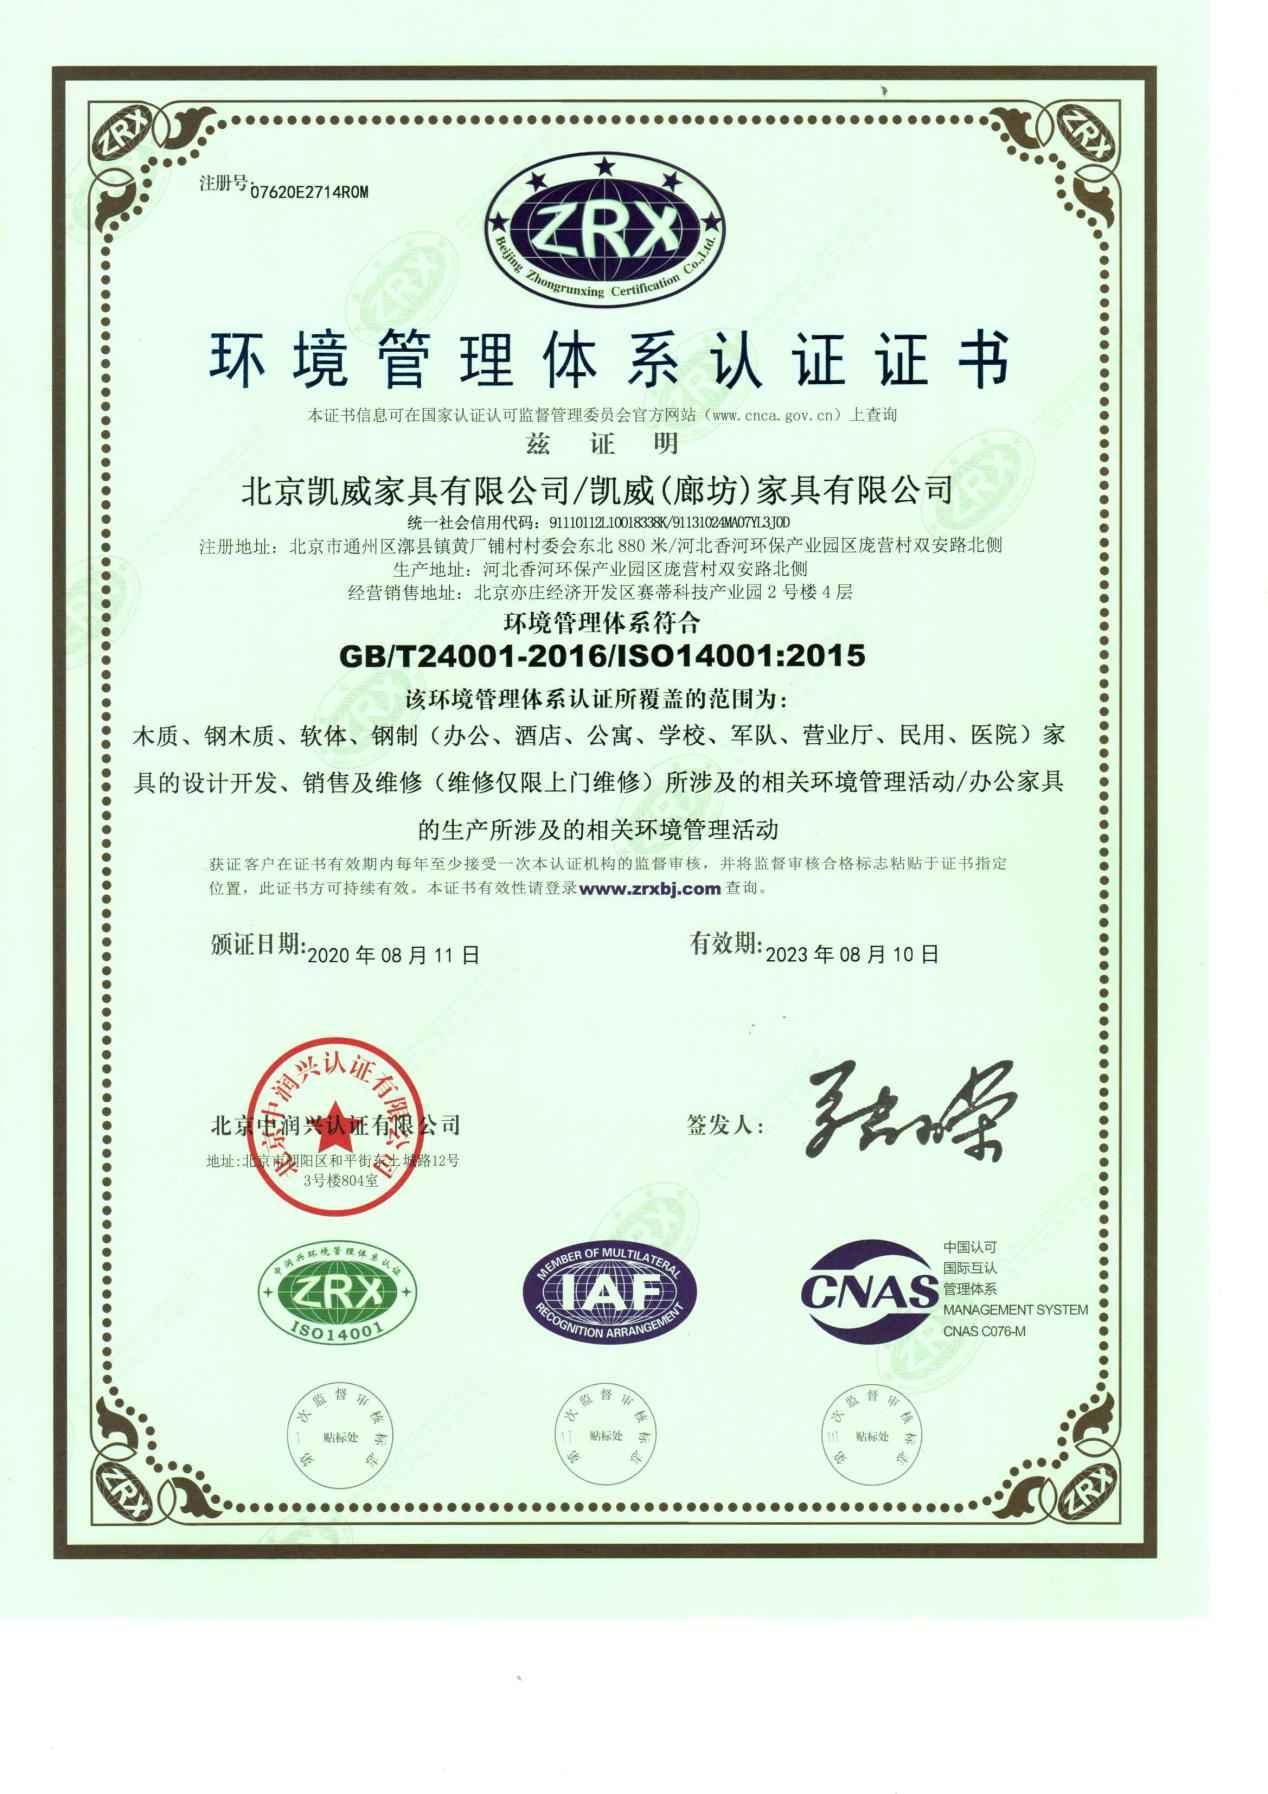 【环境管理体系认证证书】凯威